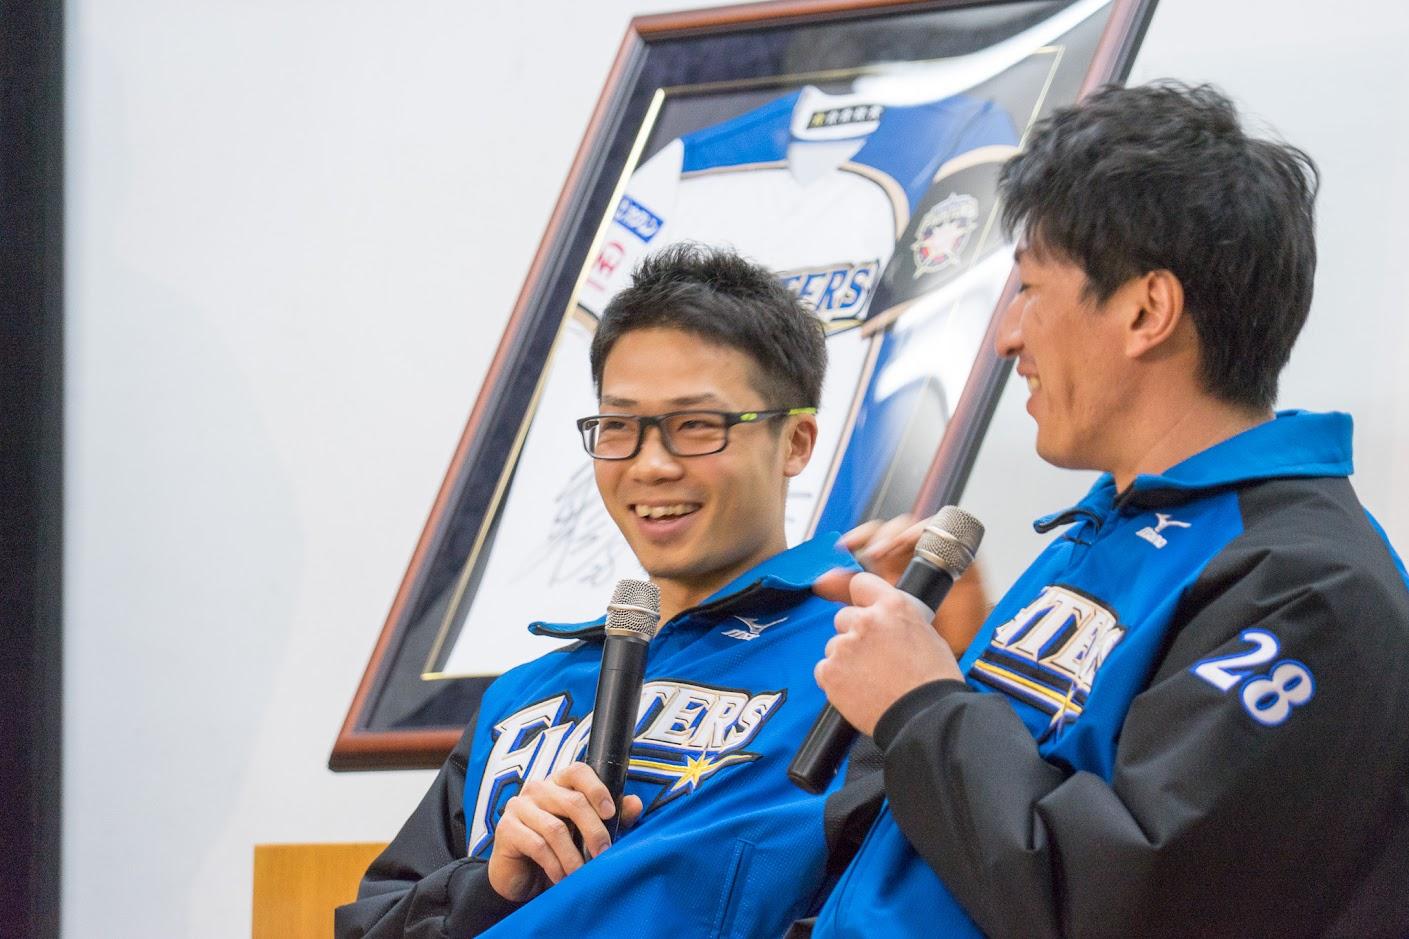 笑顔溢れる両選手